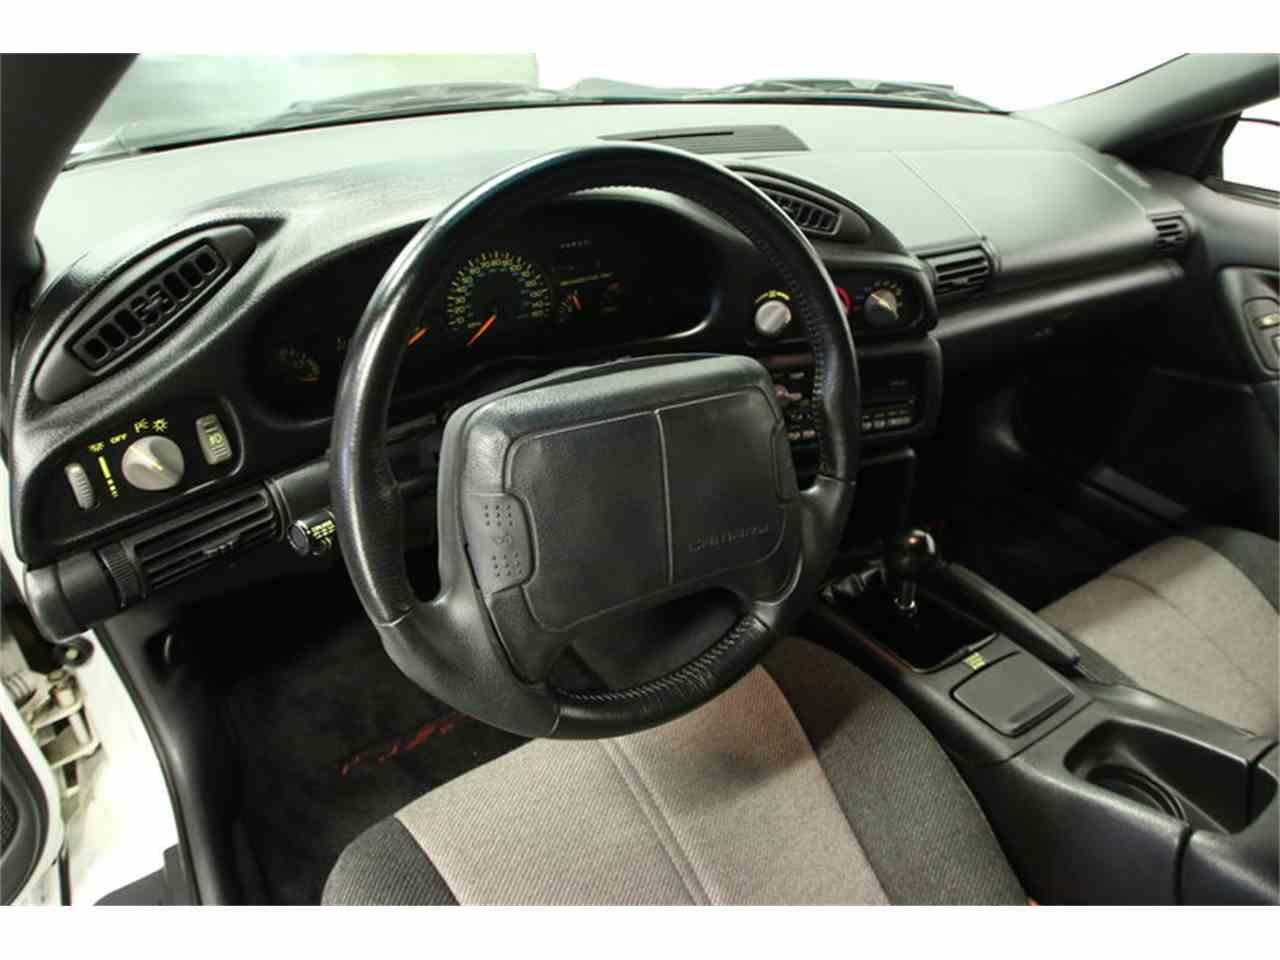 1993 Chevrolet Camaro Z28 for Sale   ClassicCars.com   CC-1027688